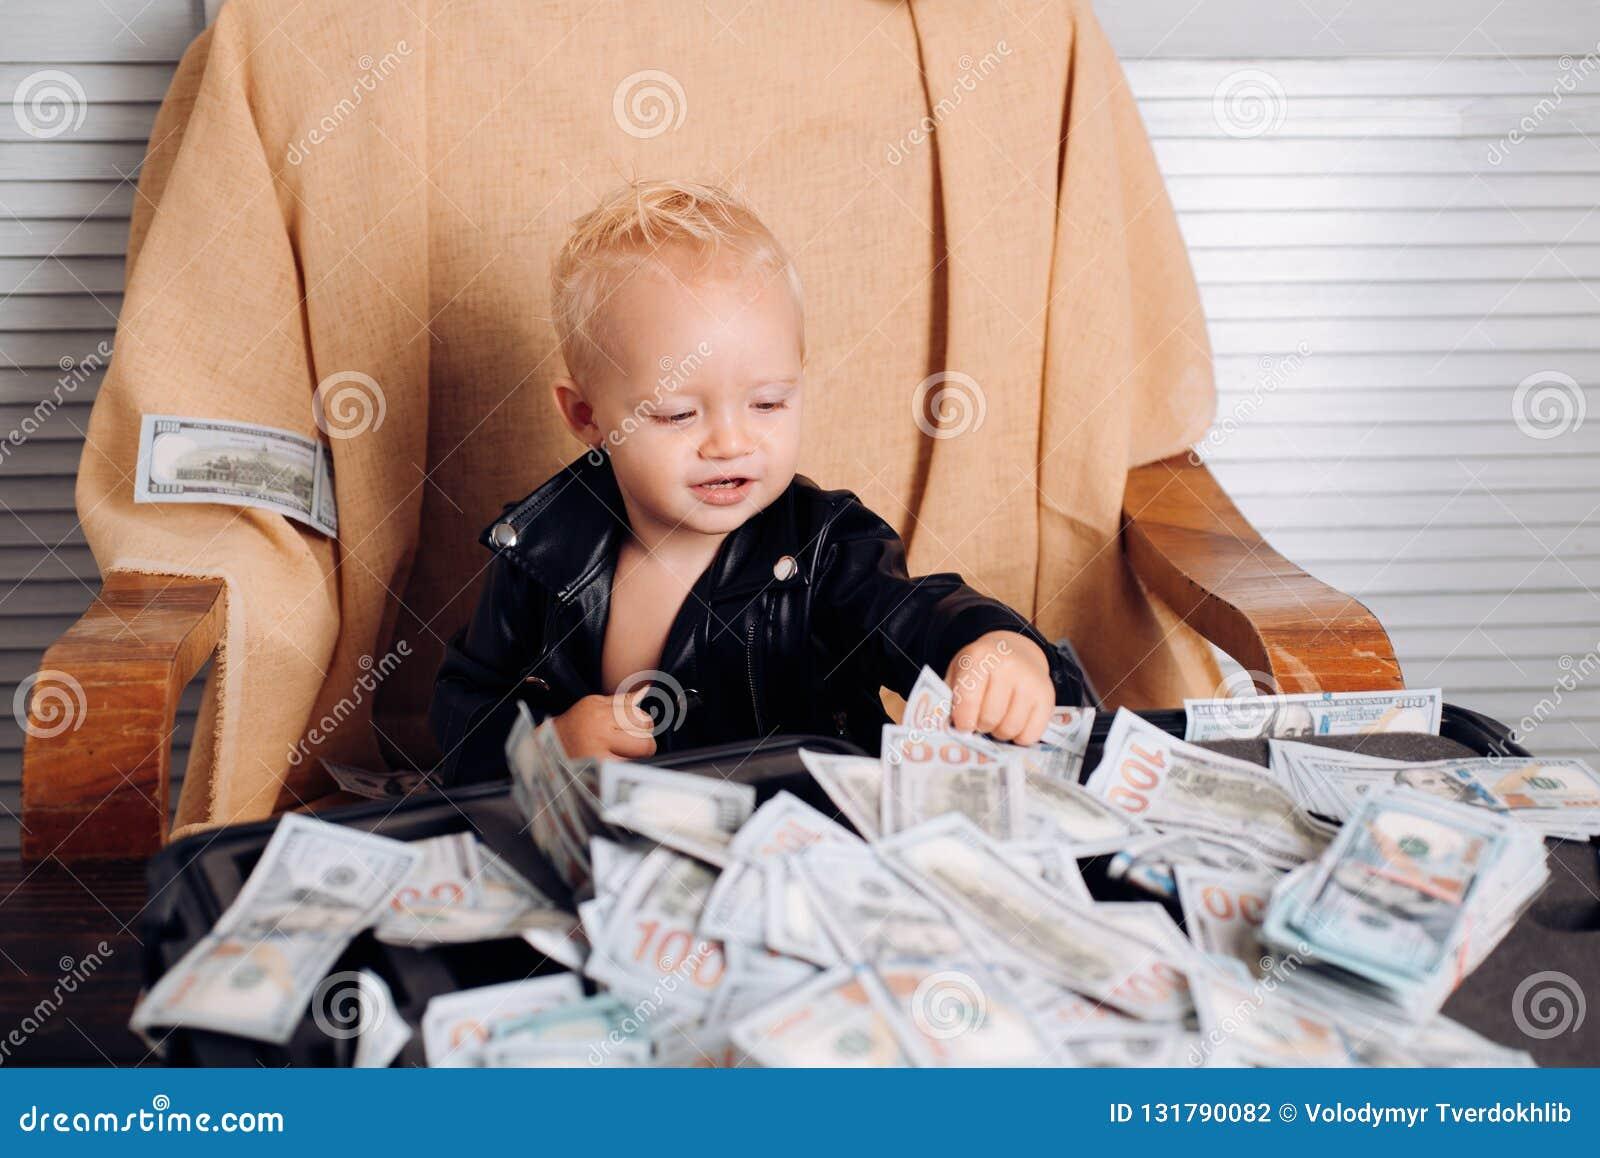 Pengar är inget problem Småbarnet gör affärsredovisning i startföretag Startaffärskostnader Liten entreprenör